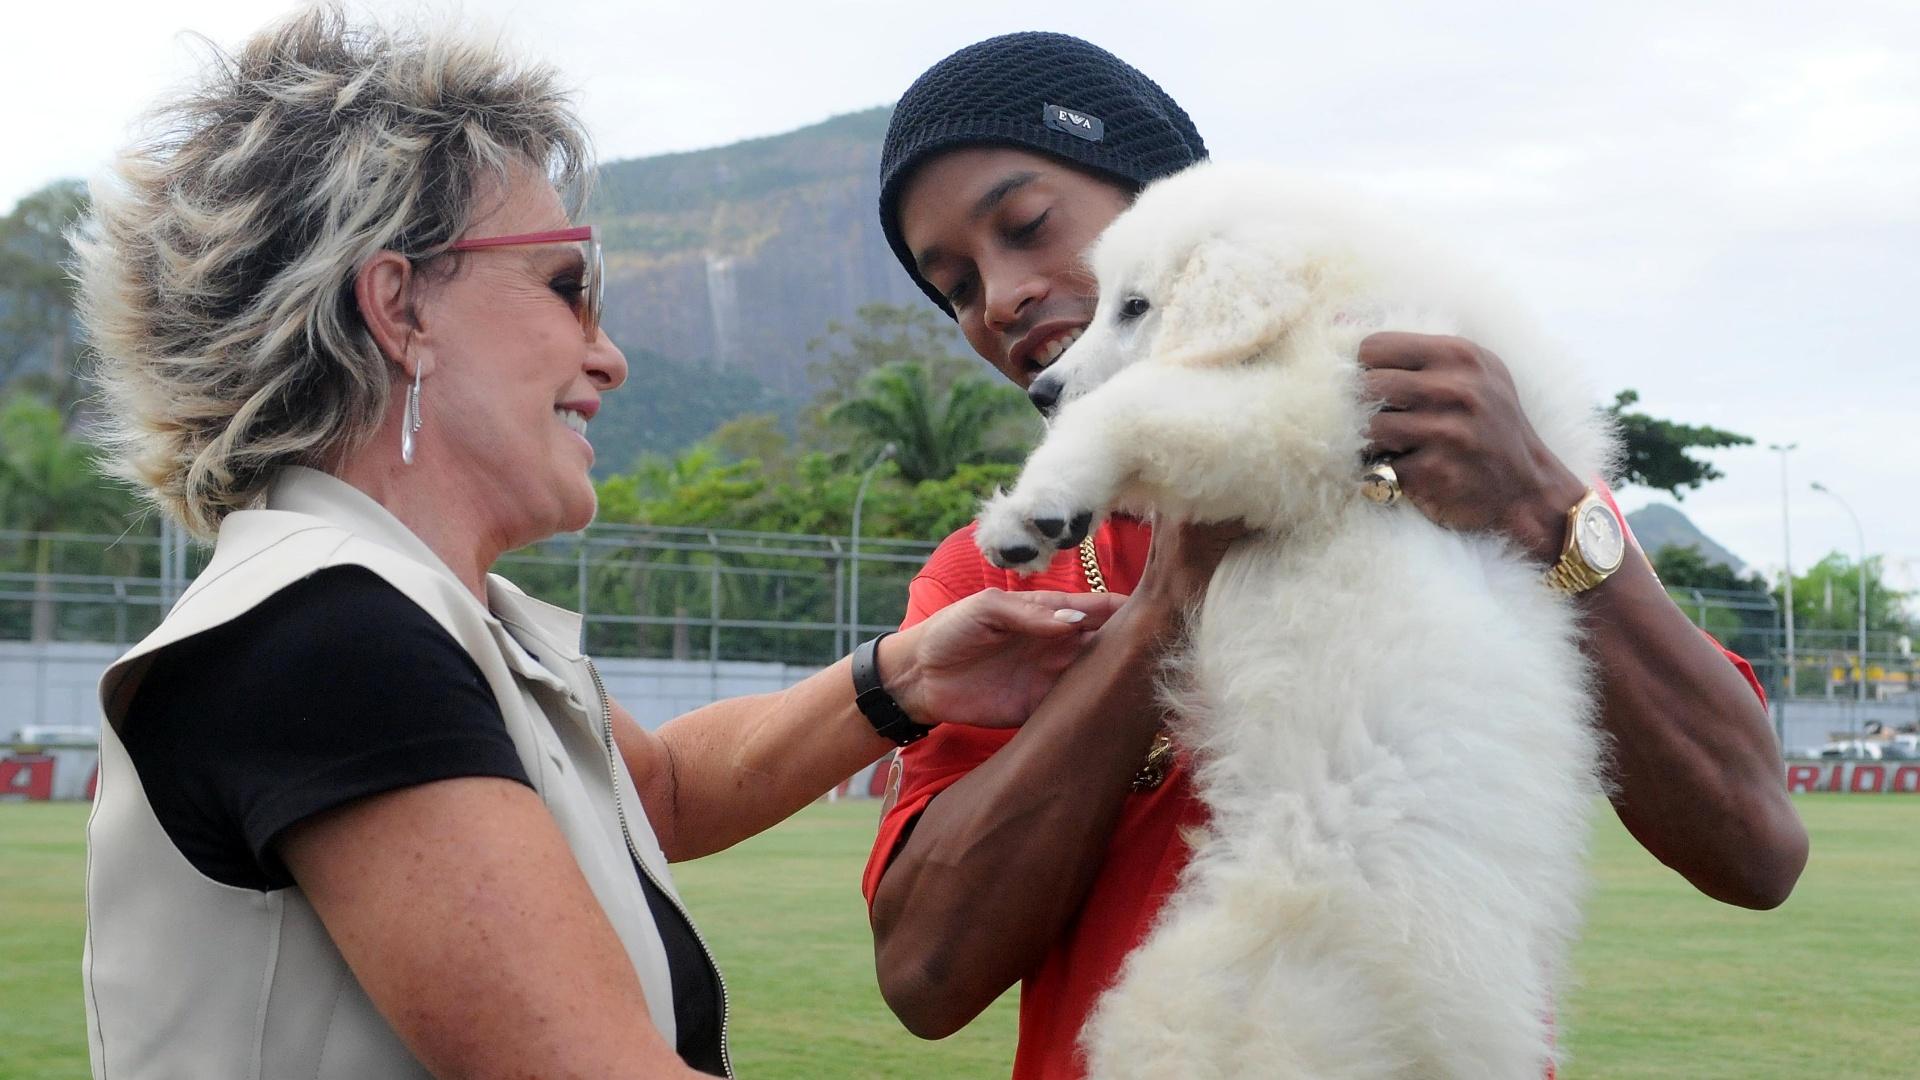 Ronaldinho afirmou que vai chamar o cachorro de Bola